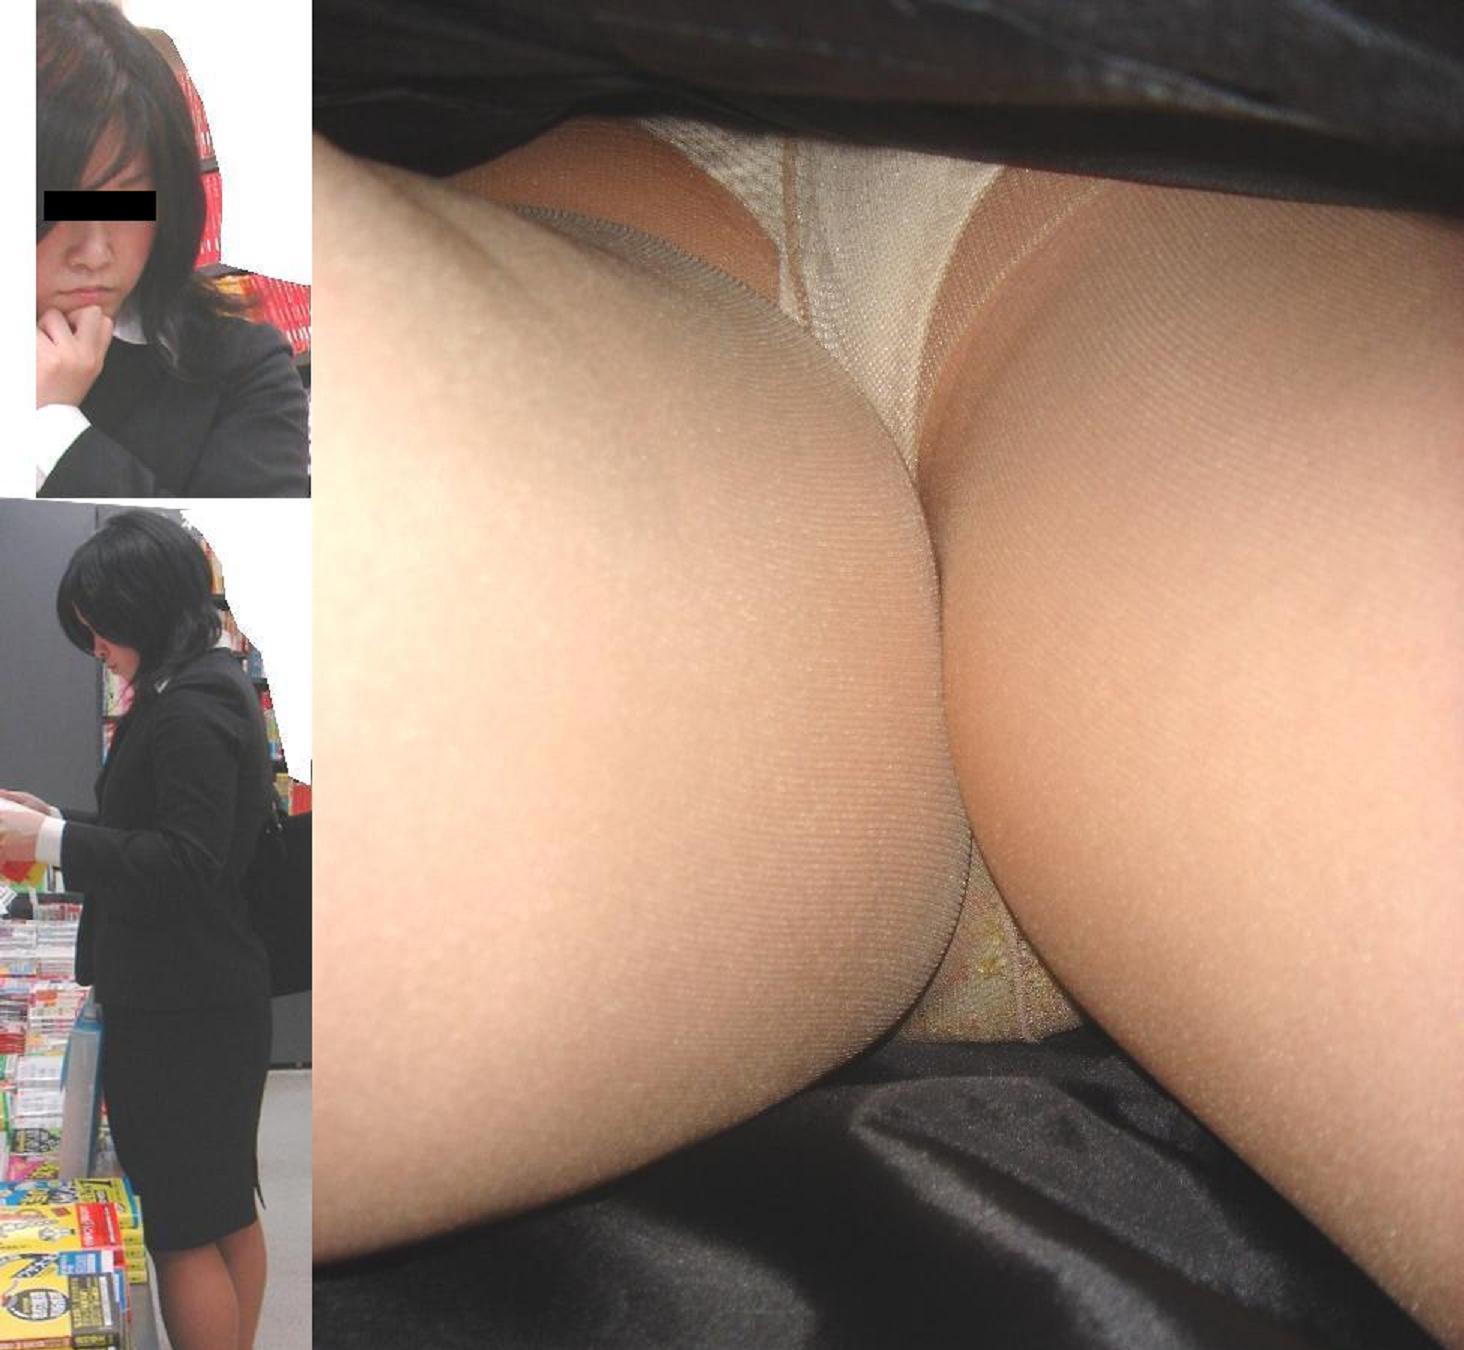 素人OLお姉さんのスカートの中身を逆さ撮りしたエロ画像1枚目